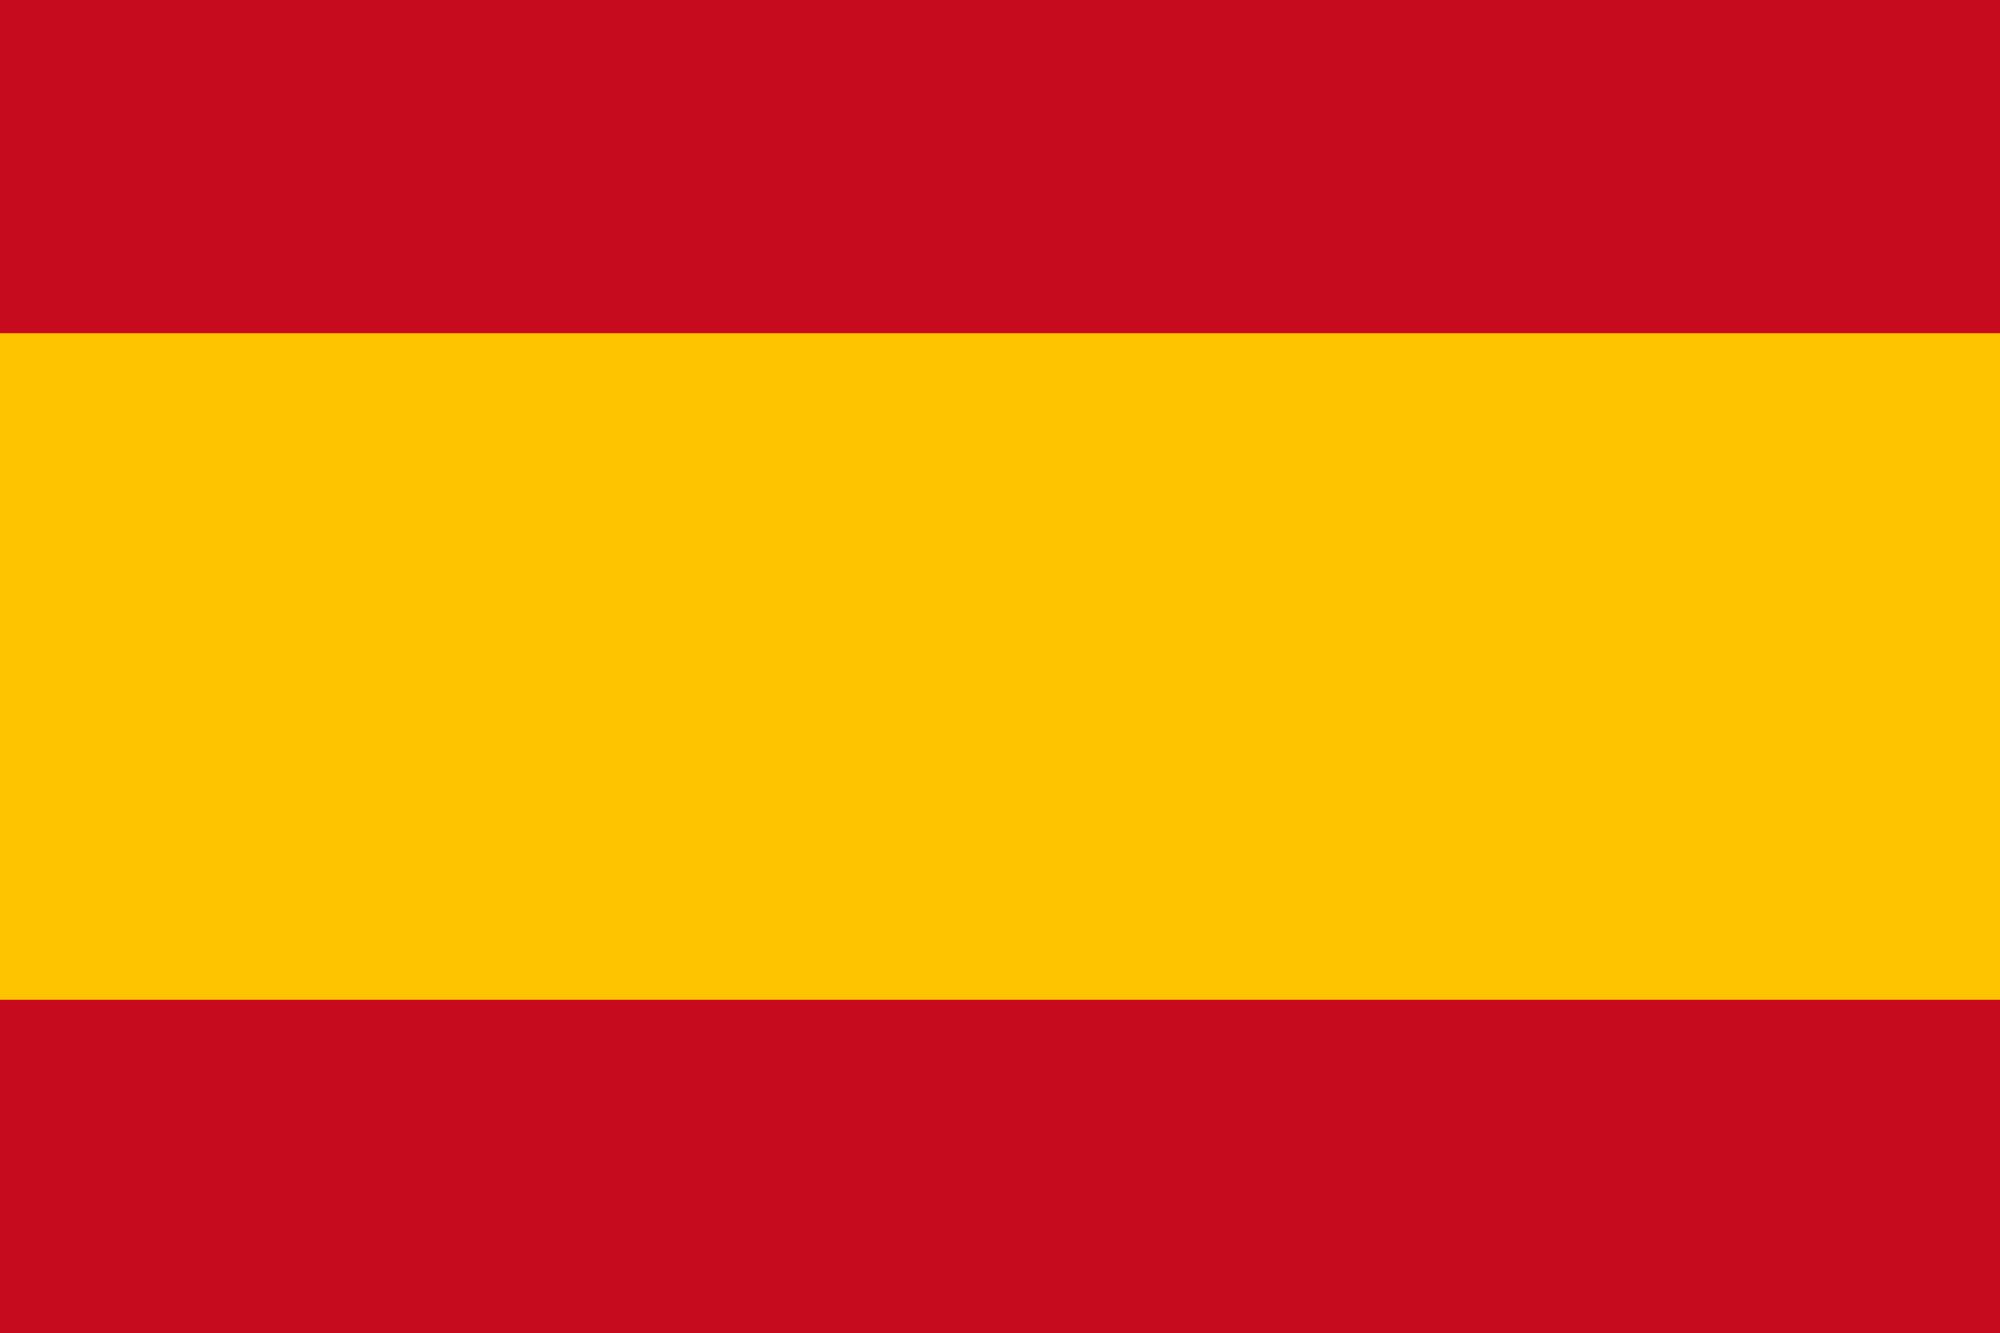 Flag_of_Spain_(Civil).svg